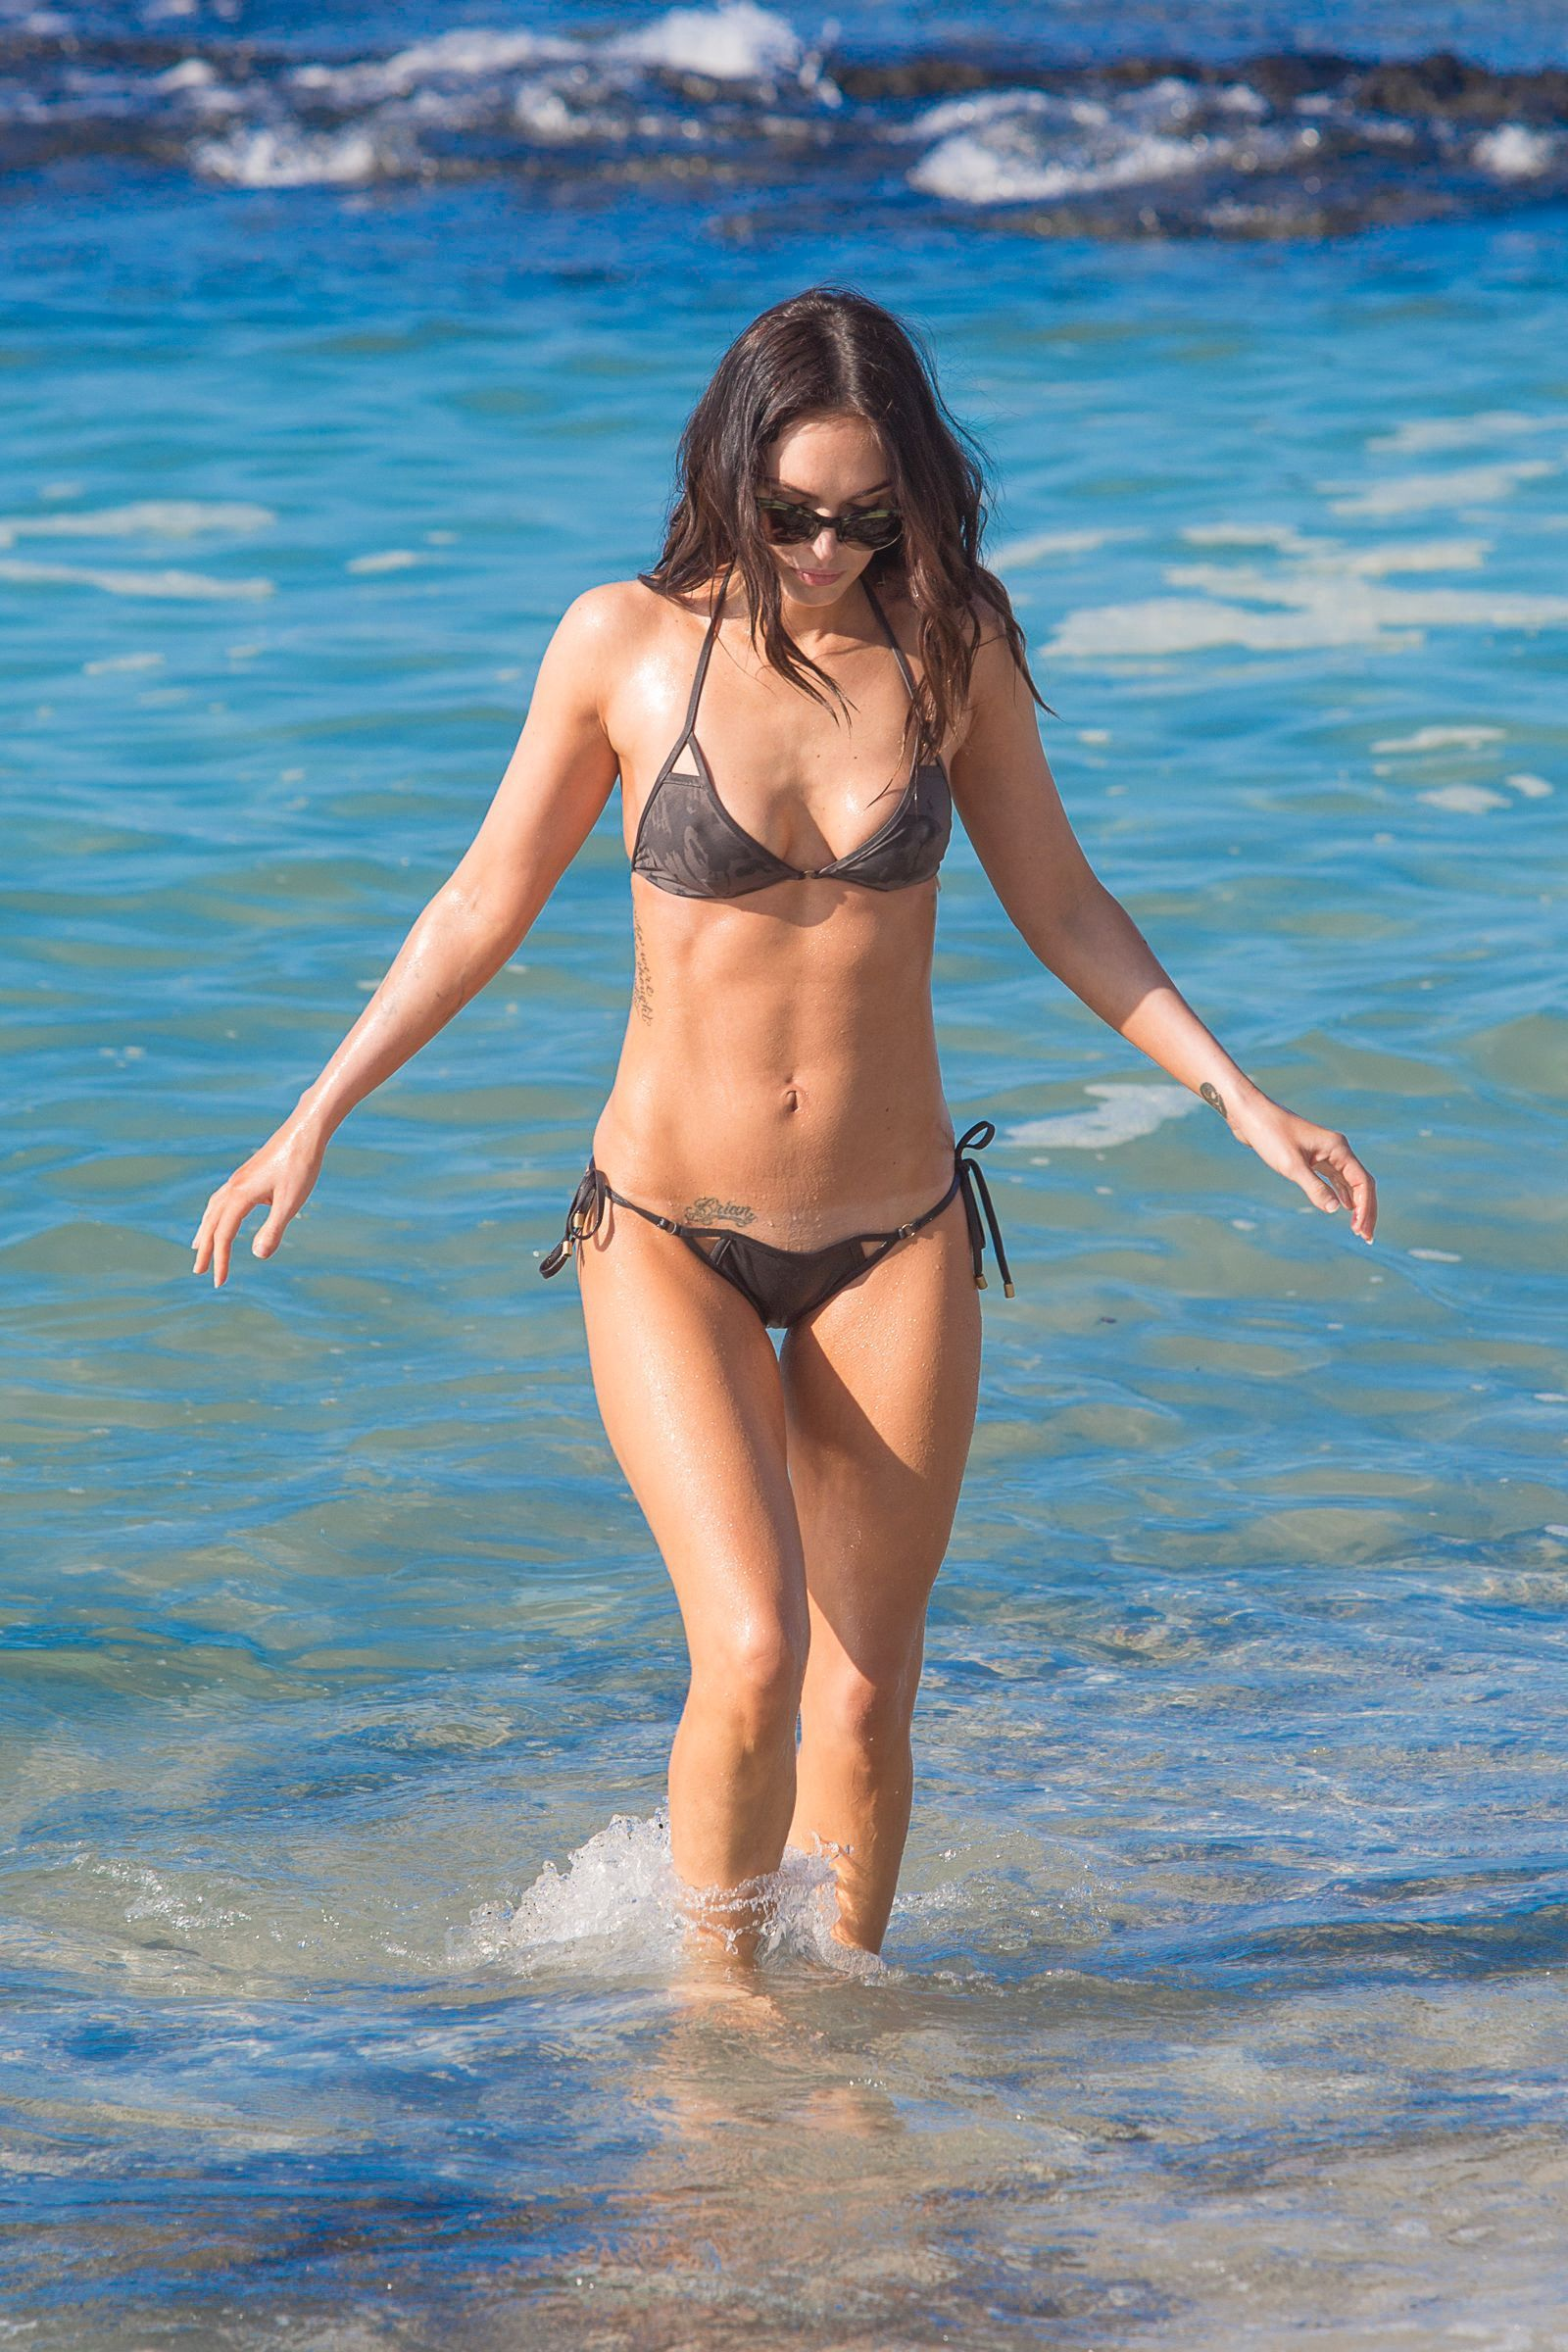 Bikini Stephanie Borja nudes (61 photos), Topless, Paparazzi, Twitter, panties 2015